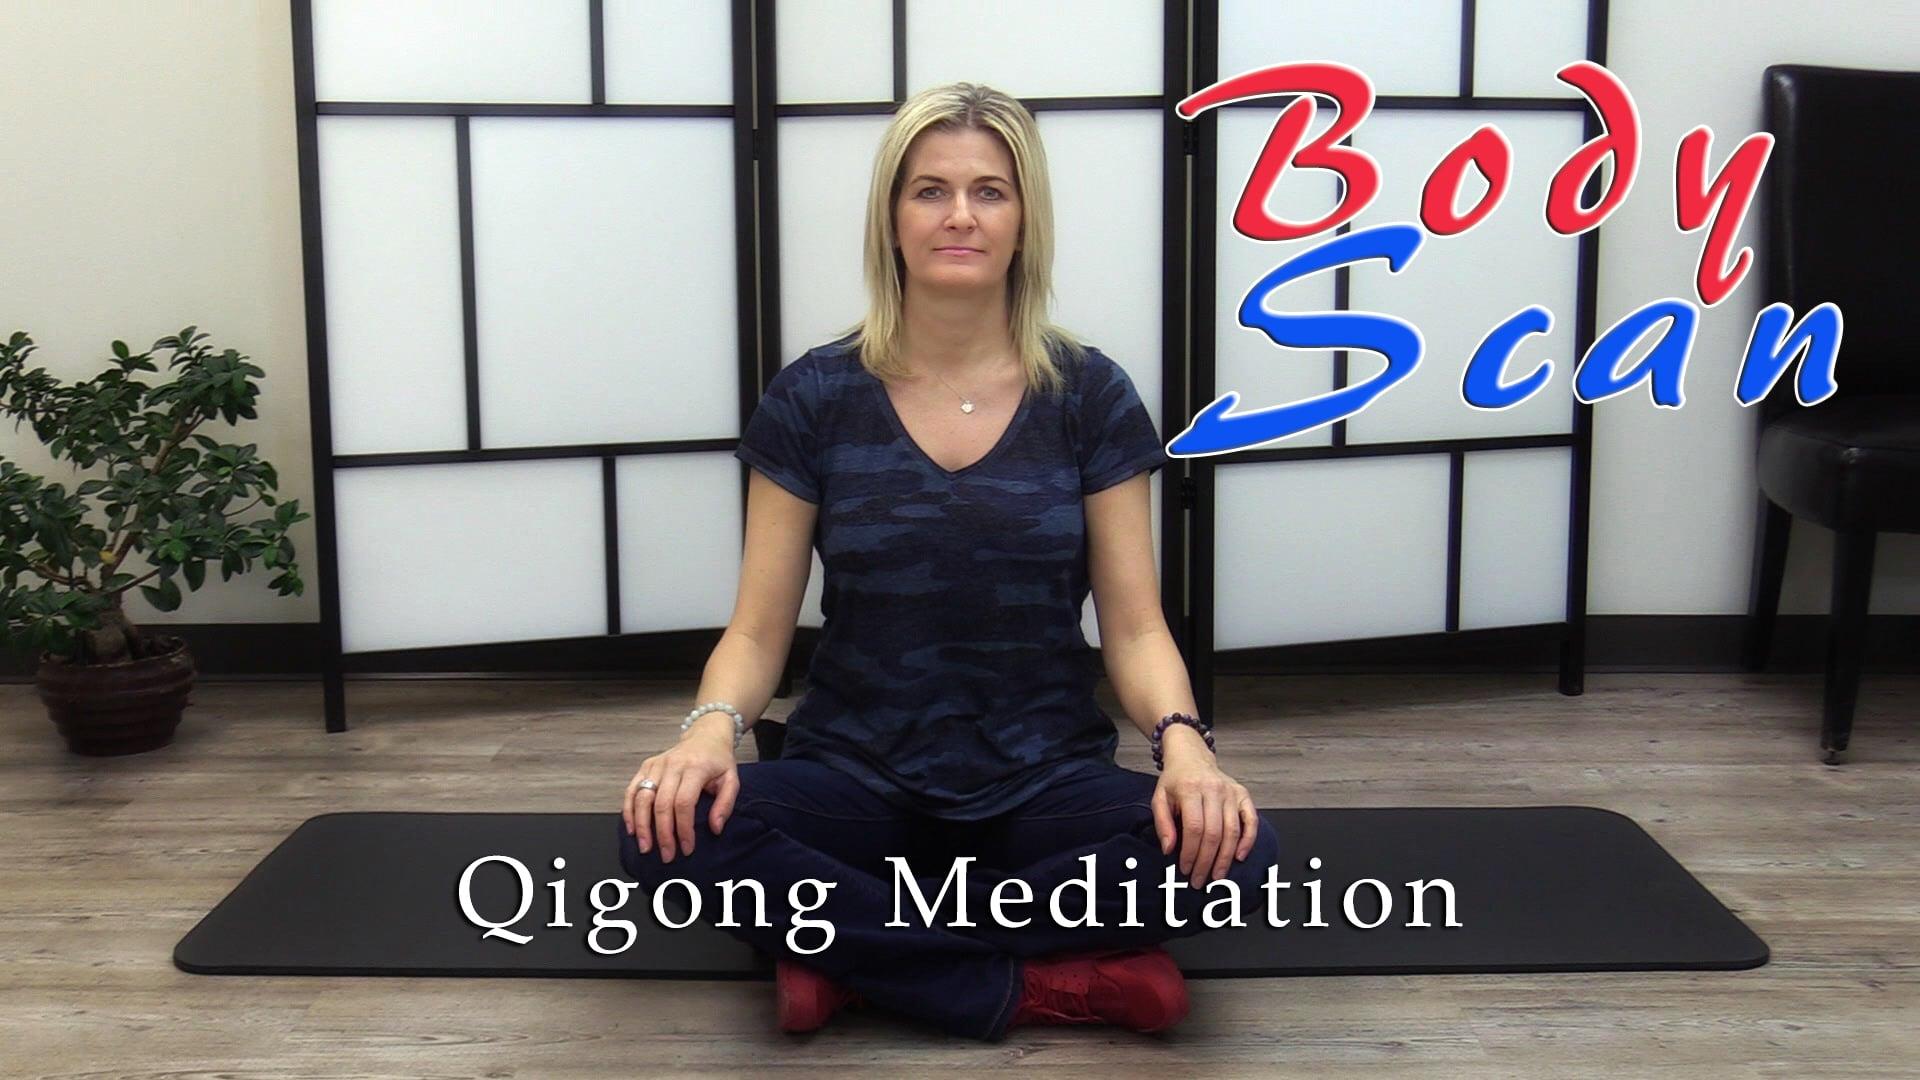 Qigong Meditation: Body Scan